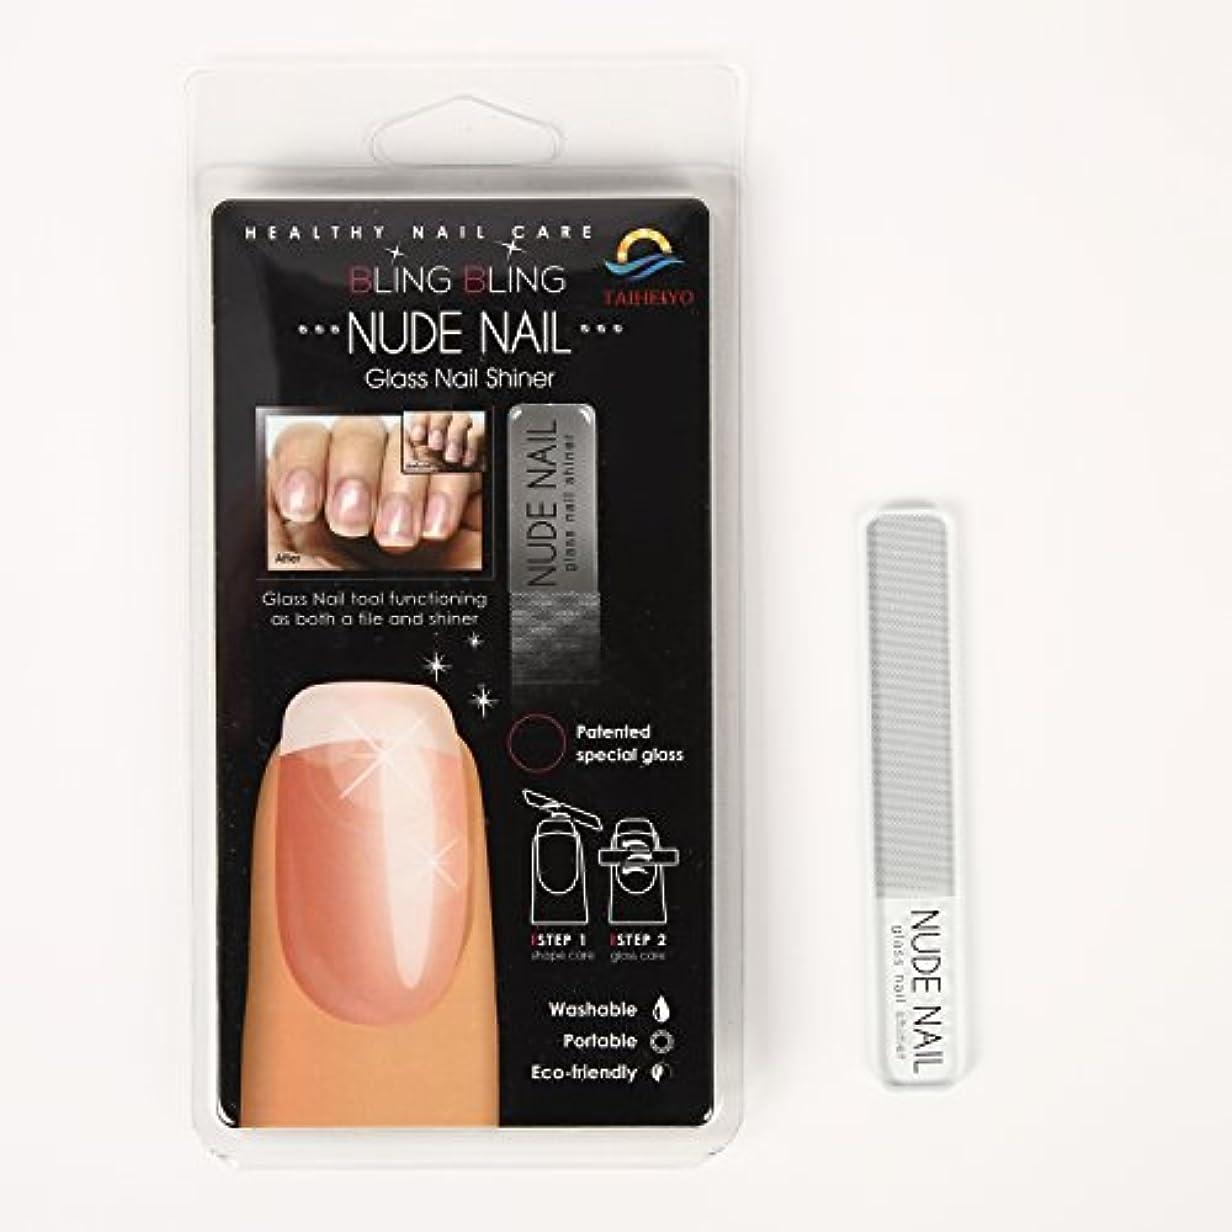 コードレス暴露打ち上げるヌードネイル NUDE NAIL ガラ ス製爪磨き ガラスネイルシャイナー GLASS NAIL SHINER TAIHEIYO (1本) 爪やすり 爪みがき